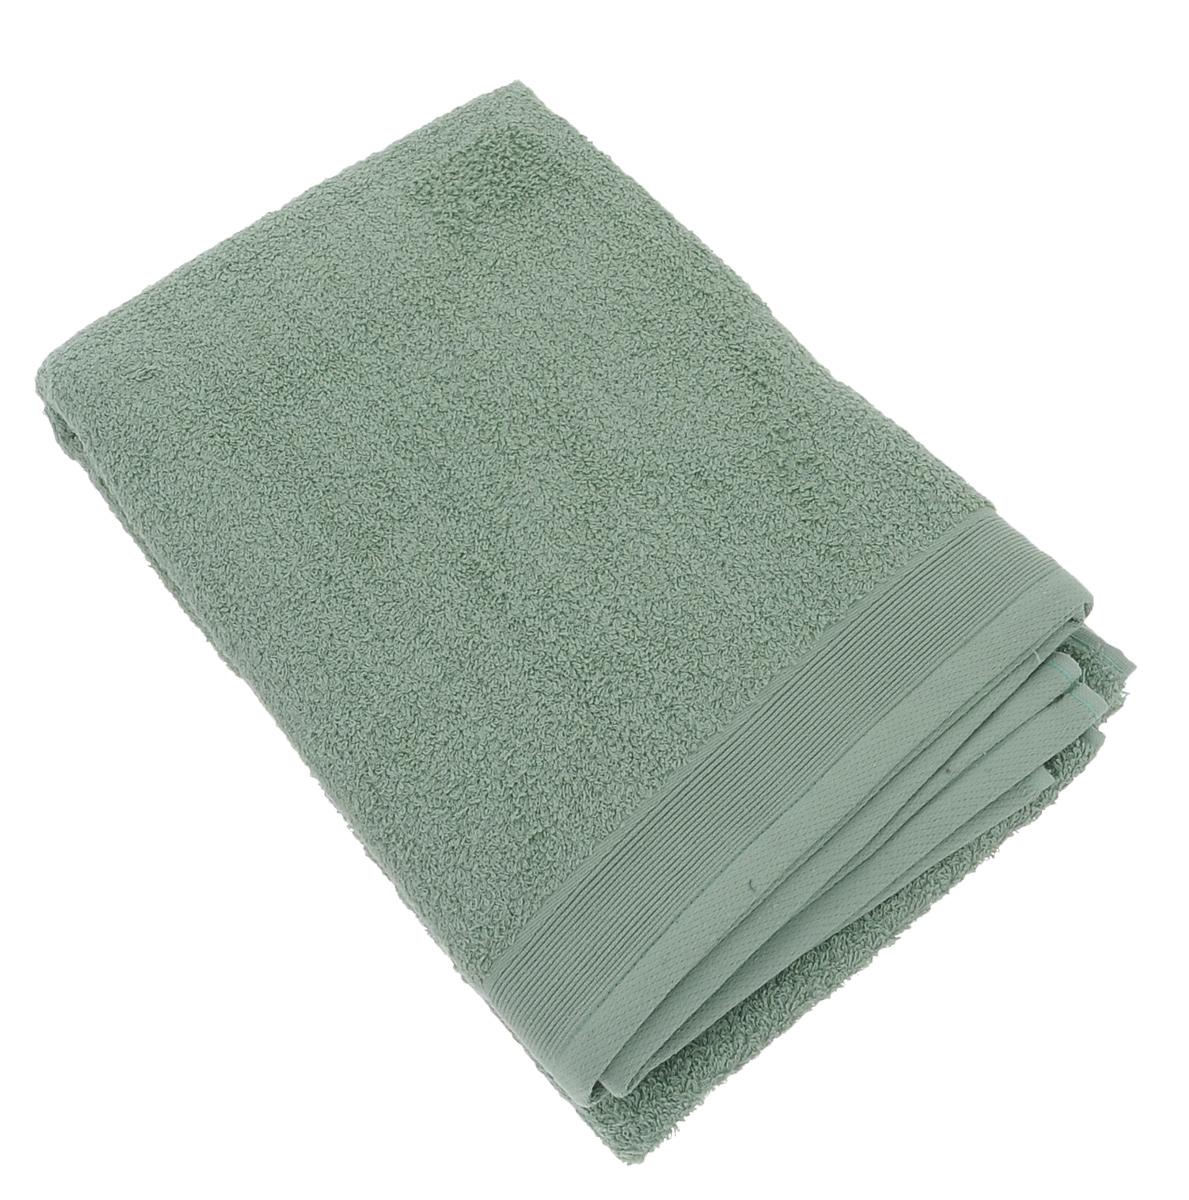 Полотенце махровое Guten Morgen, цвет: светло-зеленый, 100 х 150 см68/5/1В состав полотенца Guten Morgen входит только натуральное волокно - хлопок. Лаконичные бордюры подойдут для любого интерьера ванной комнаты. Полотенце прекрасно впитывает влагу и быстро сохнет. При соблюдении рекомендаций по уходу не линяет и не теряет форму даже после многократных стирок. Плотность: 500 г/м2.